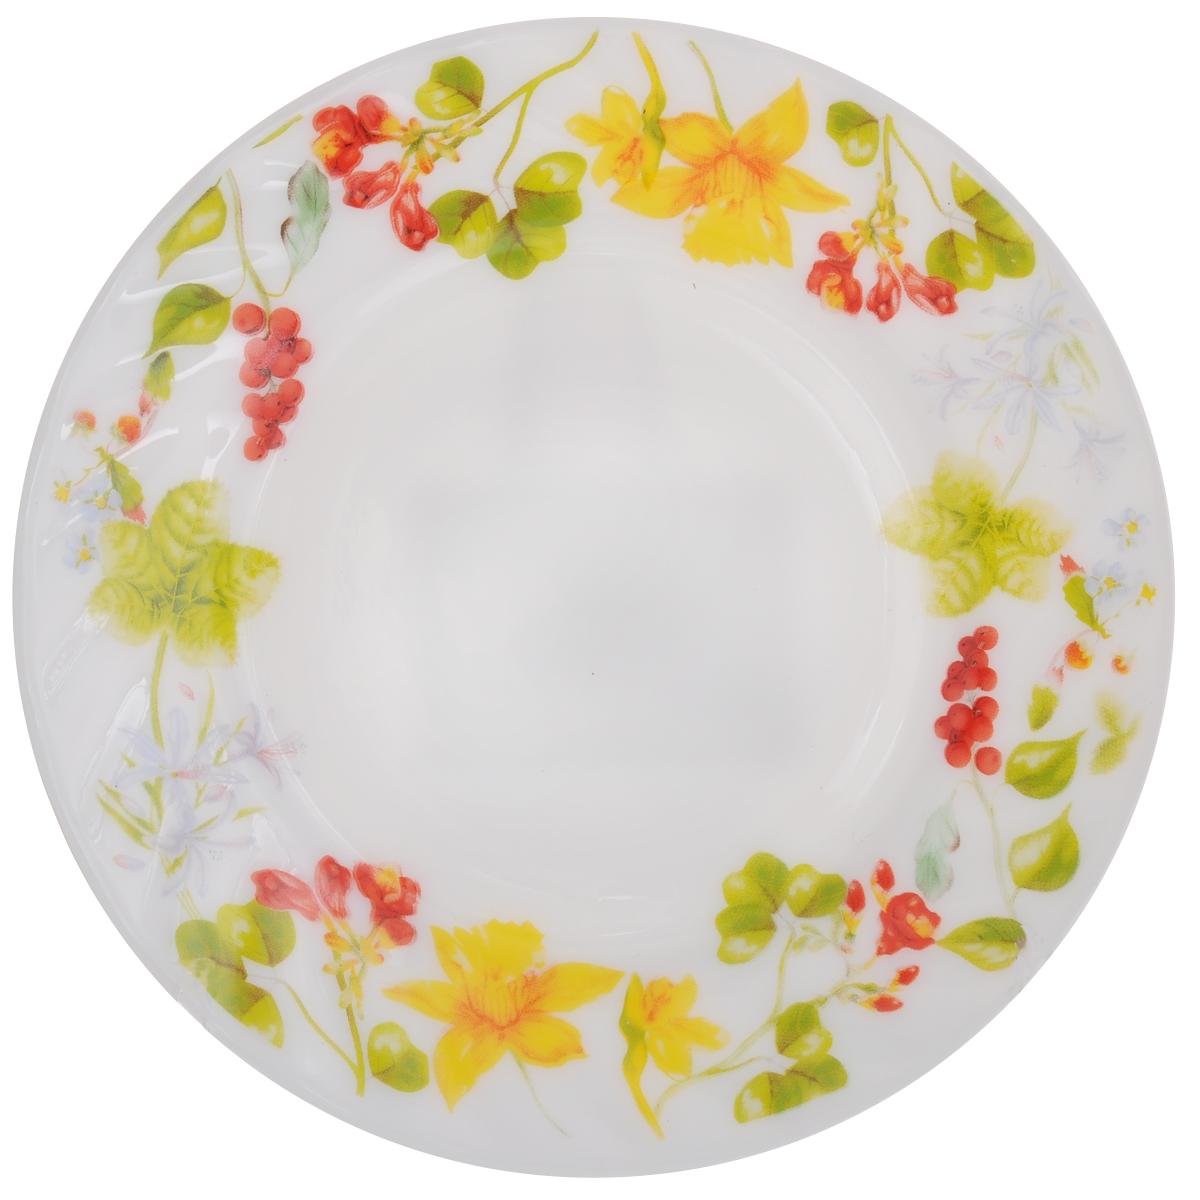 Тарелка десертная Chinbull Оттавиа, диаметр 18 см54 009312Десертная тарелка Chinbull Оттавиа изготовлена из экологически чистой стеклокерамики. Изделие оформлено красочным рисунком и имеет изысканный внешний вид. Такая тарелка прекрасно подходит как для торжественных случаев, так и для повседневного использования. Идеальна для подачи десертов, пирожных, тортов и многого другого. Она прекрасно оформит стол и станет отличным дополнением к вашей коллекции кухонной посуды.Можно использовать в посудомоечной машине и СВЧ.Диаметр (по верхнему краю): 18 см.Высота стенки: 1,7 см.